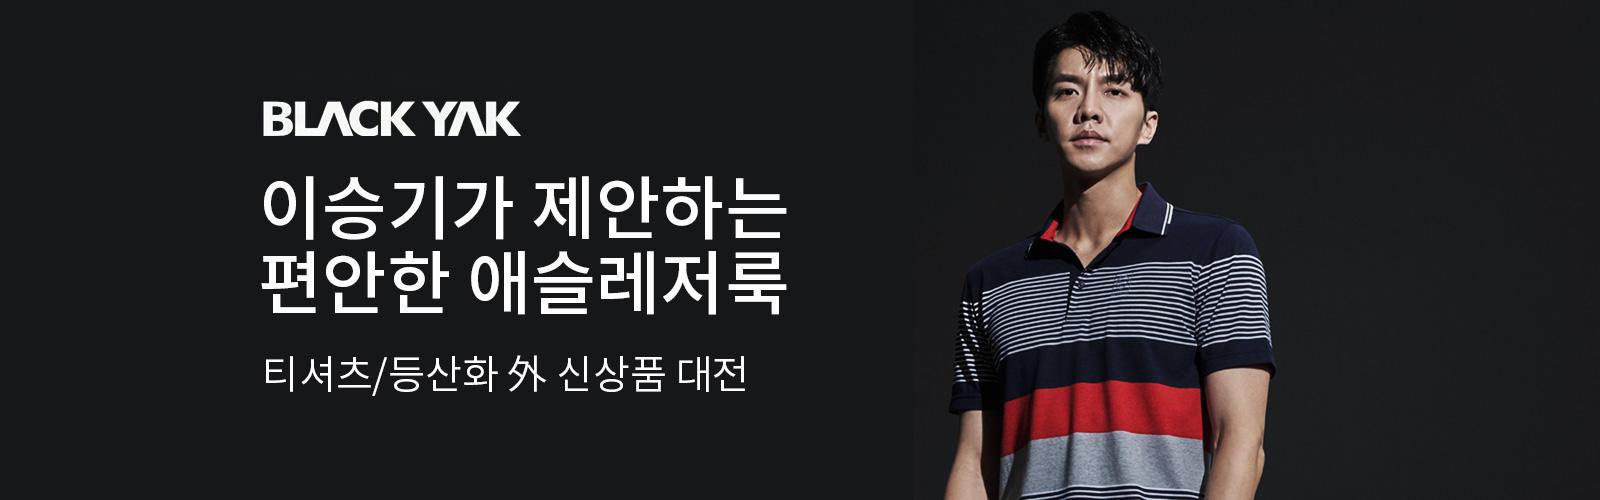 블랙야크 이승기가 제안하는 편안한 애슬레저룩 티셔츠 등산화 외 신상품 대전